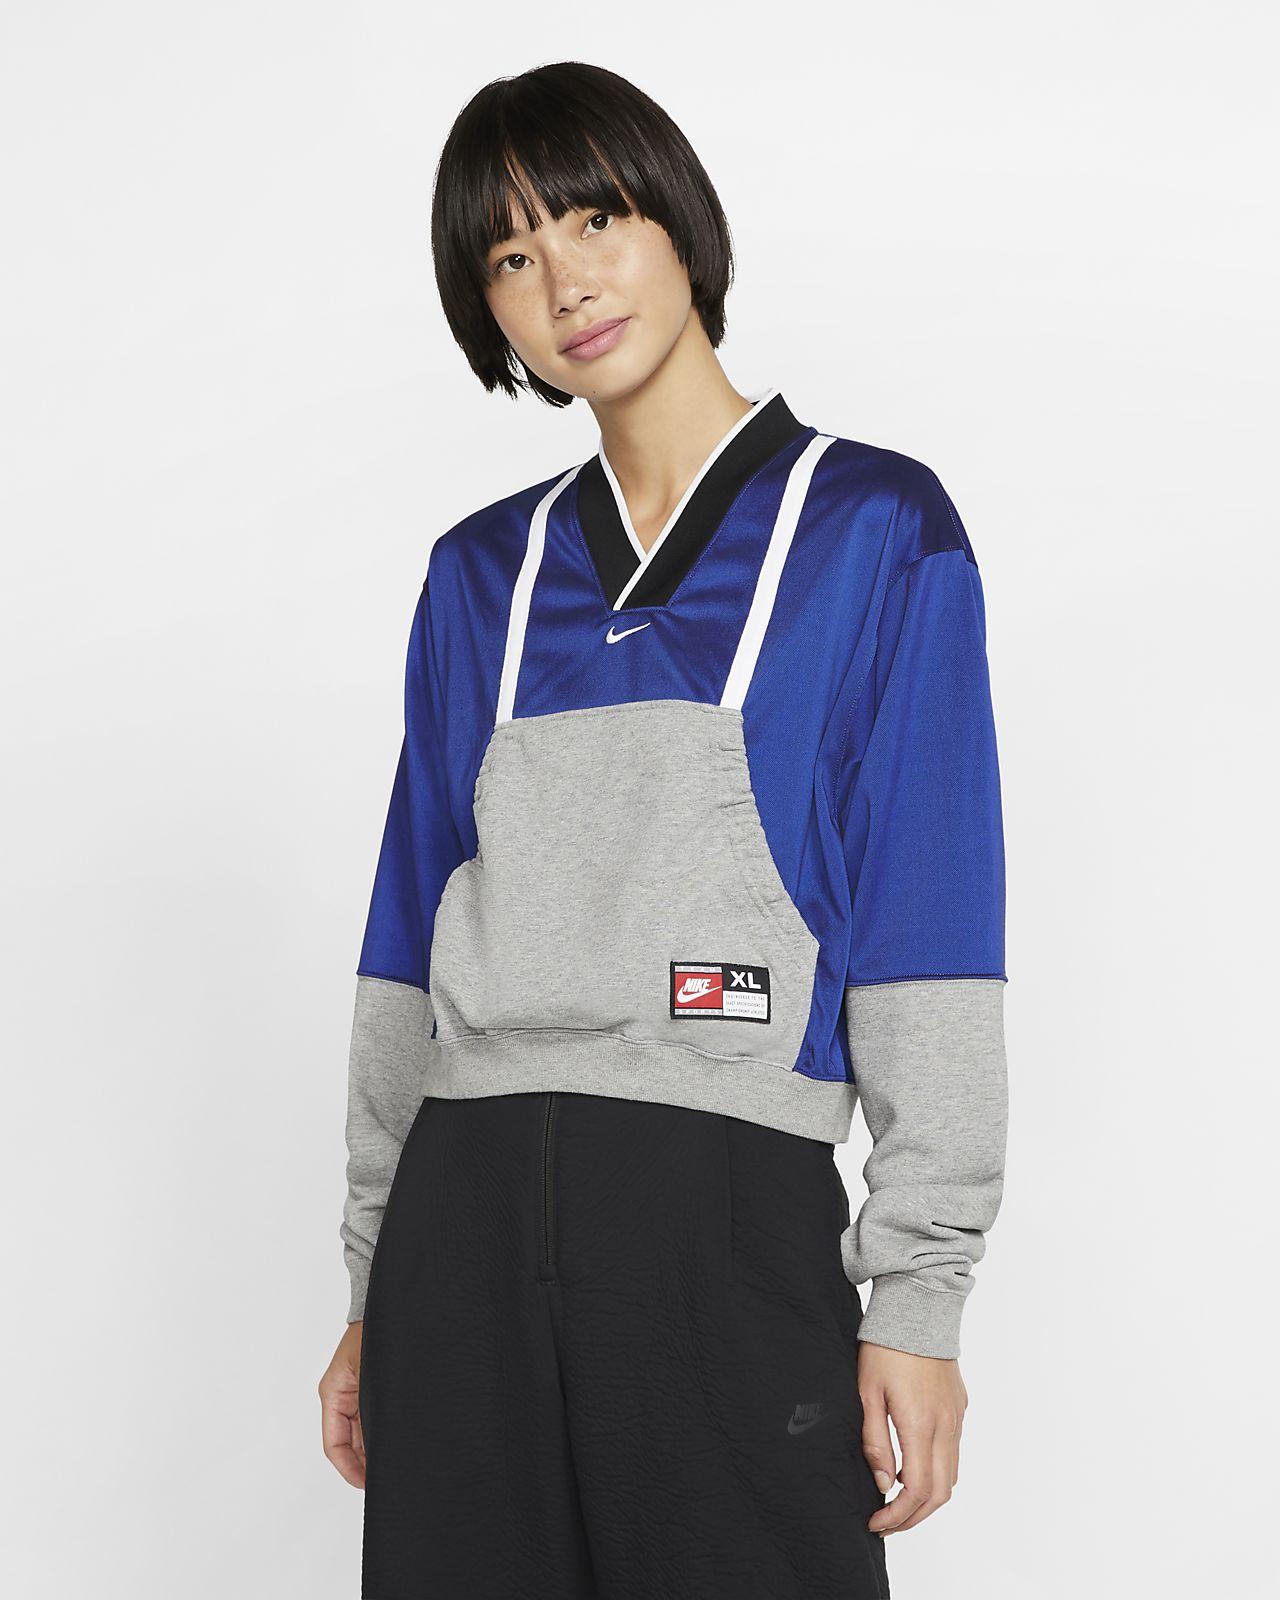 Nike ISPA 女款長袖上衣